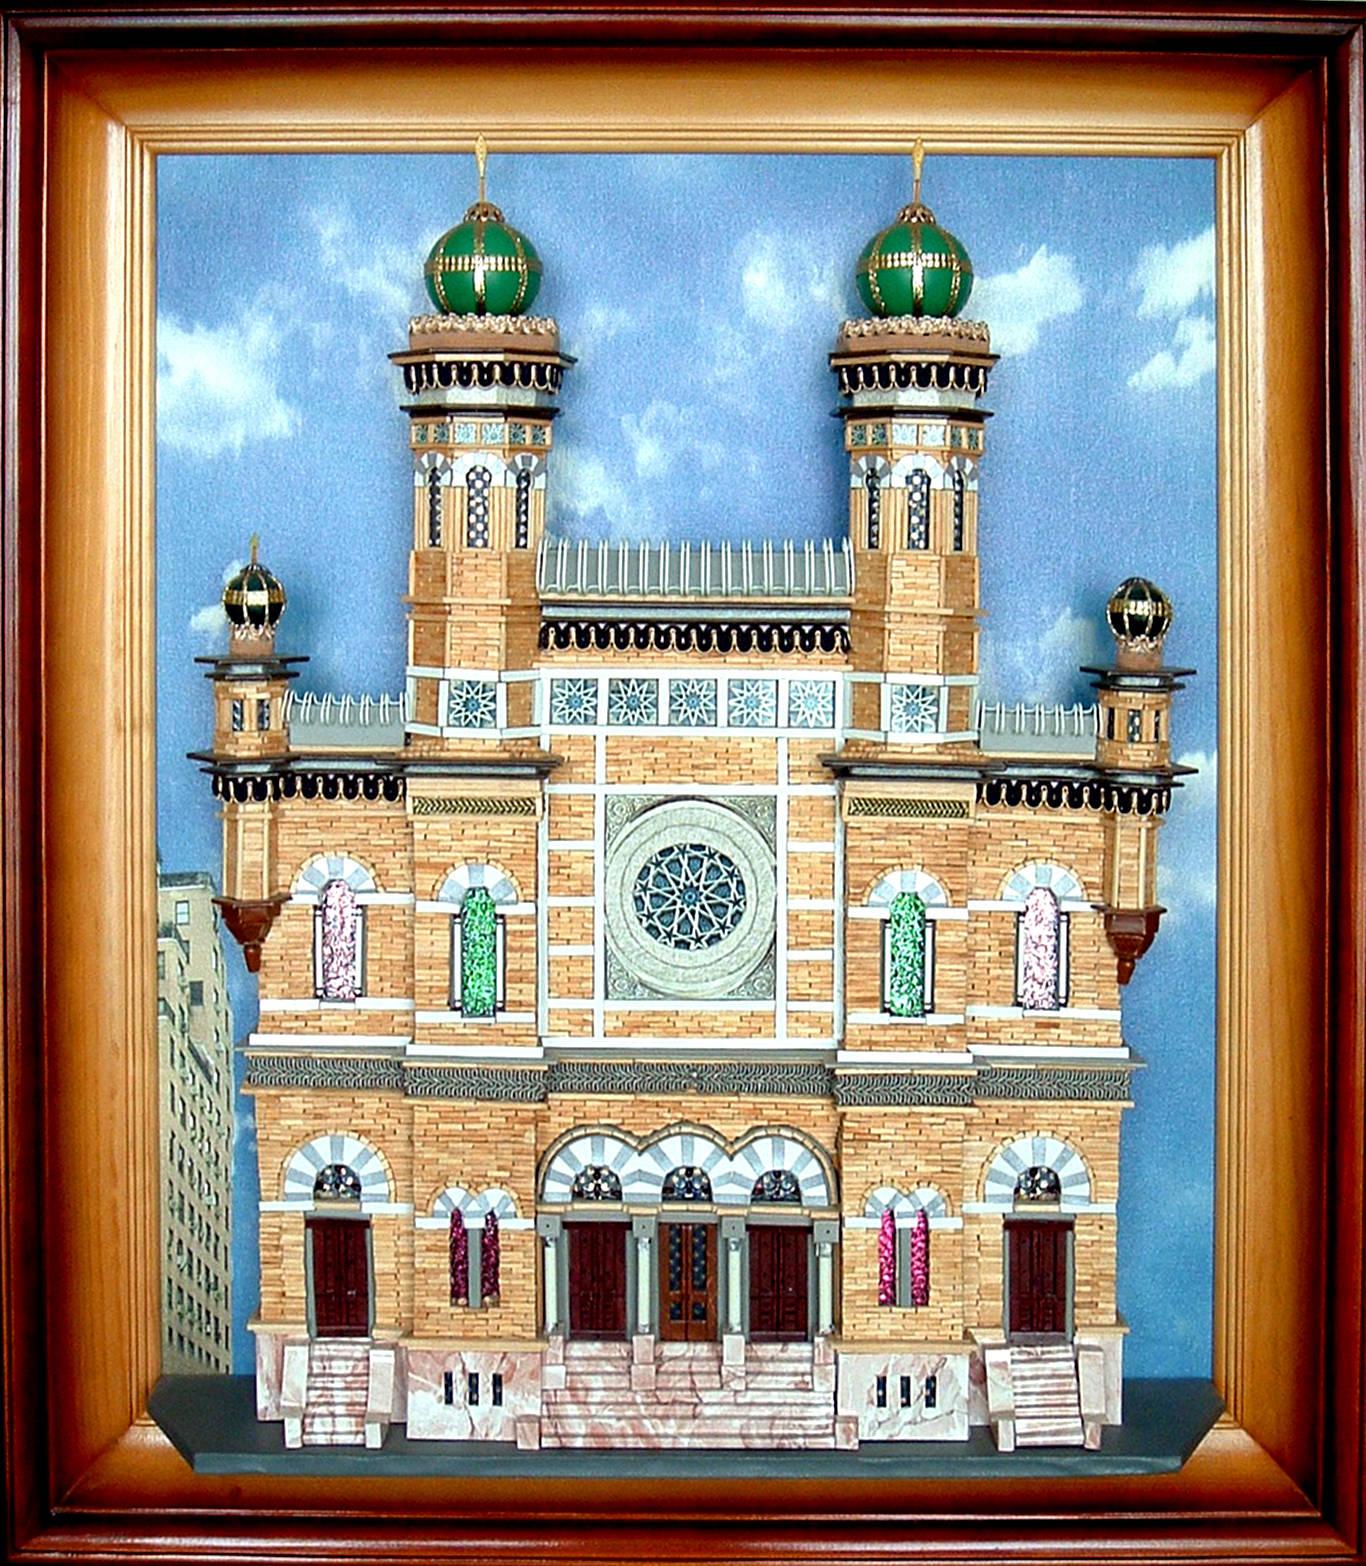 Нью Йорк.Центральная синагога.Картина из спичек.